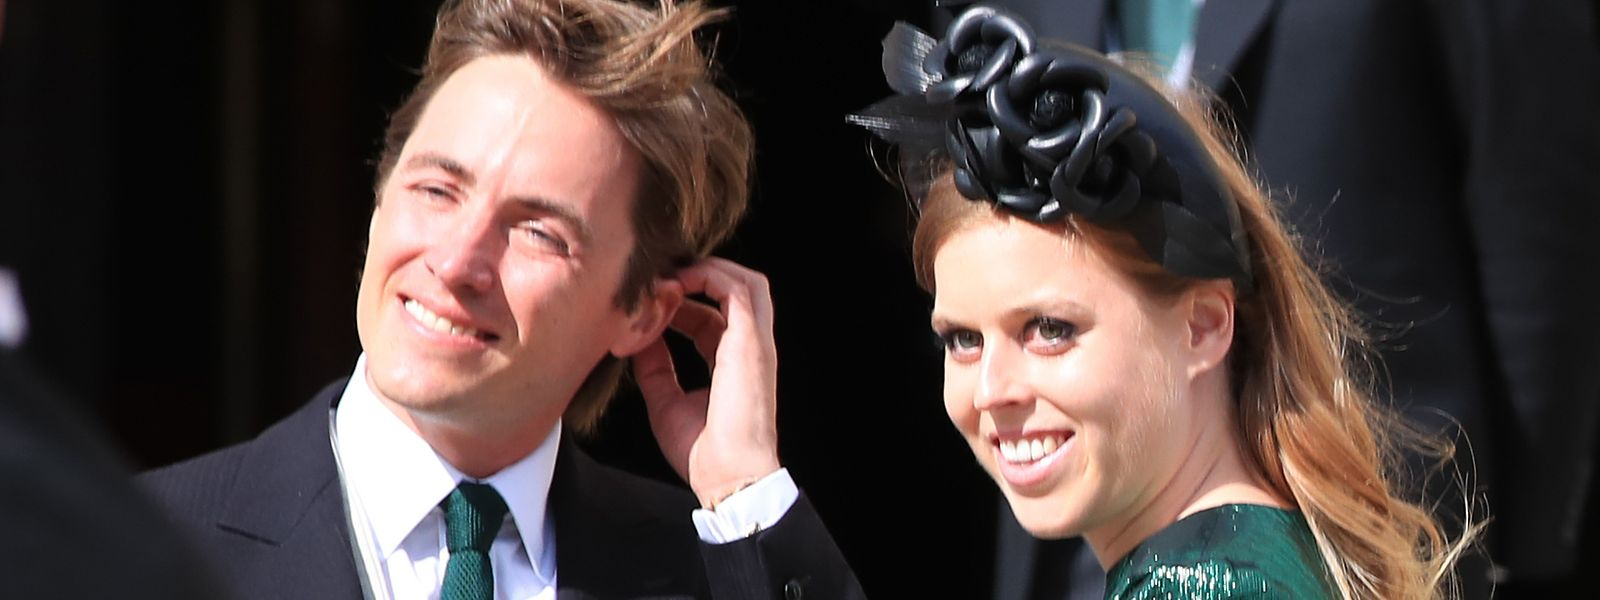 Prinzessin Beatrice und ihr damals noch Verlobter, Edoardo Mapelli Mozzi, als Gäste bei einer Hochzeit in York.